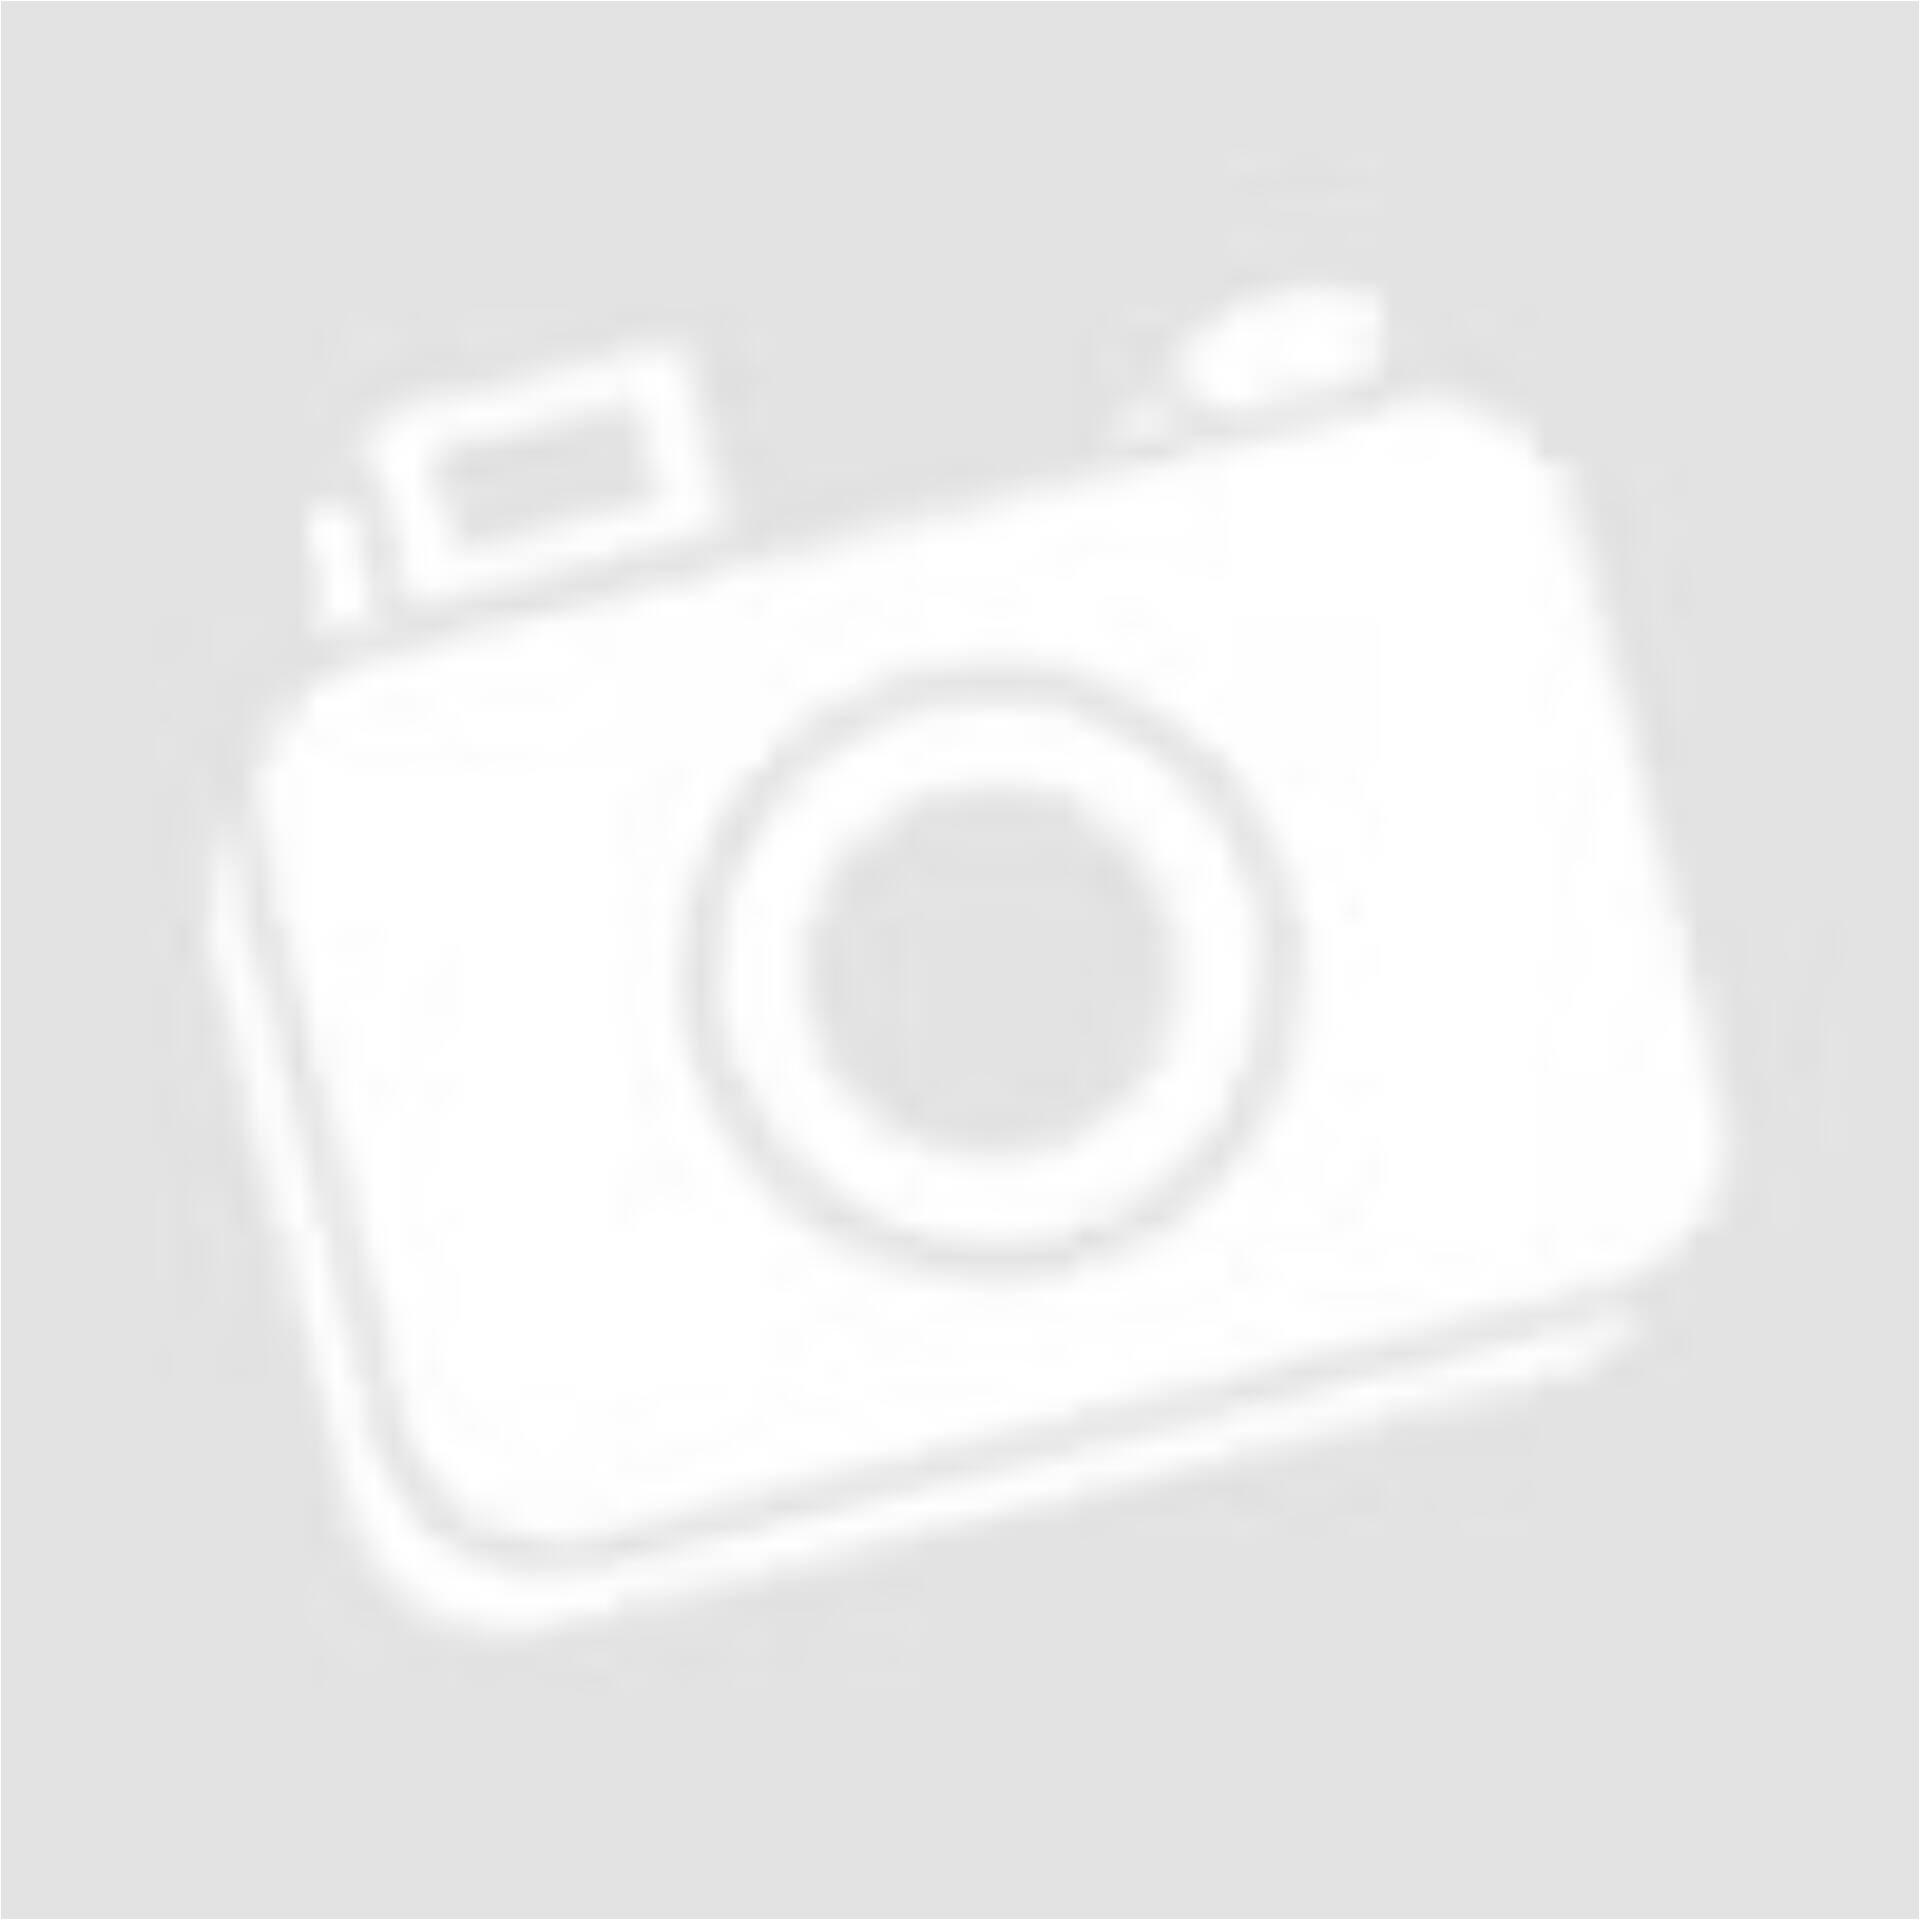 b403da00af S.OLIVER leopárd mintás csinos felső (Méret: L) - Női felső, blúz ...